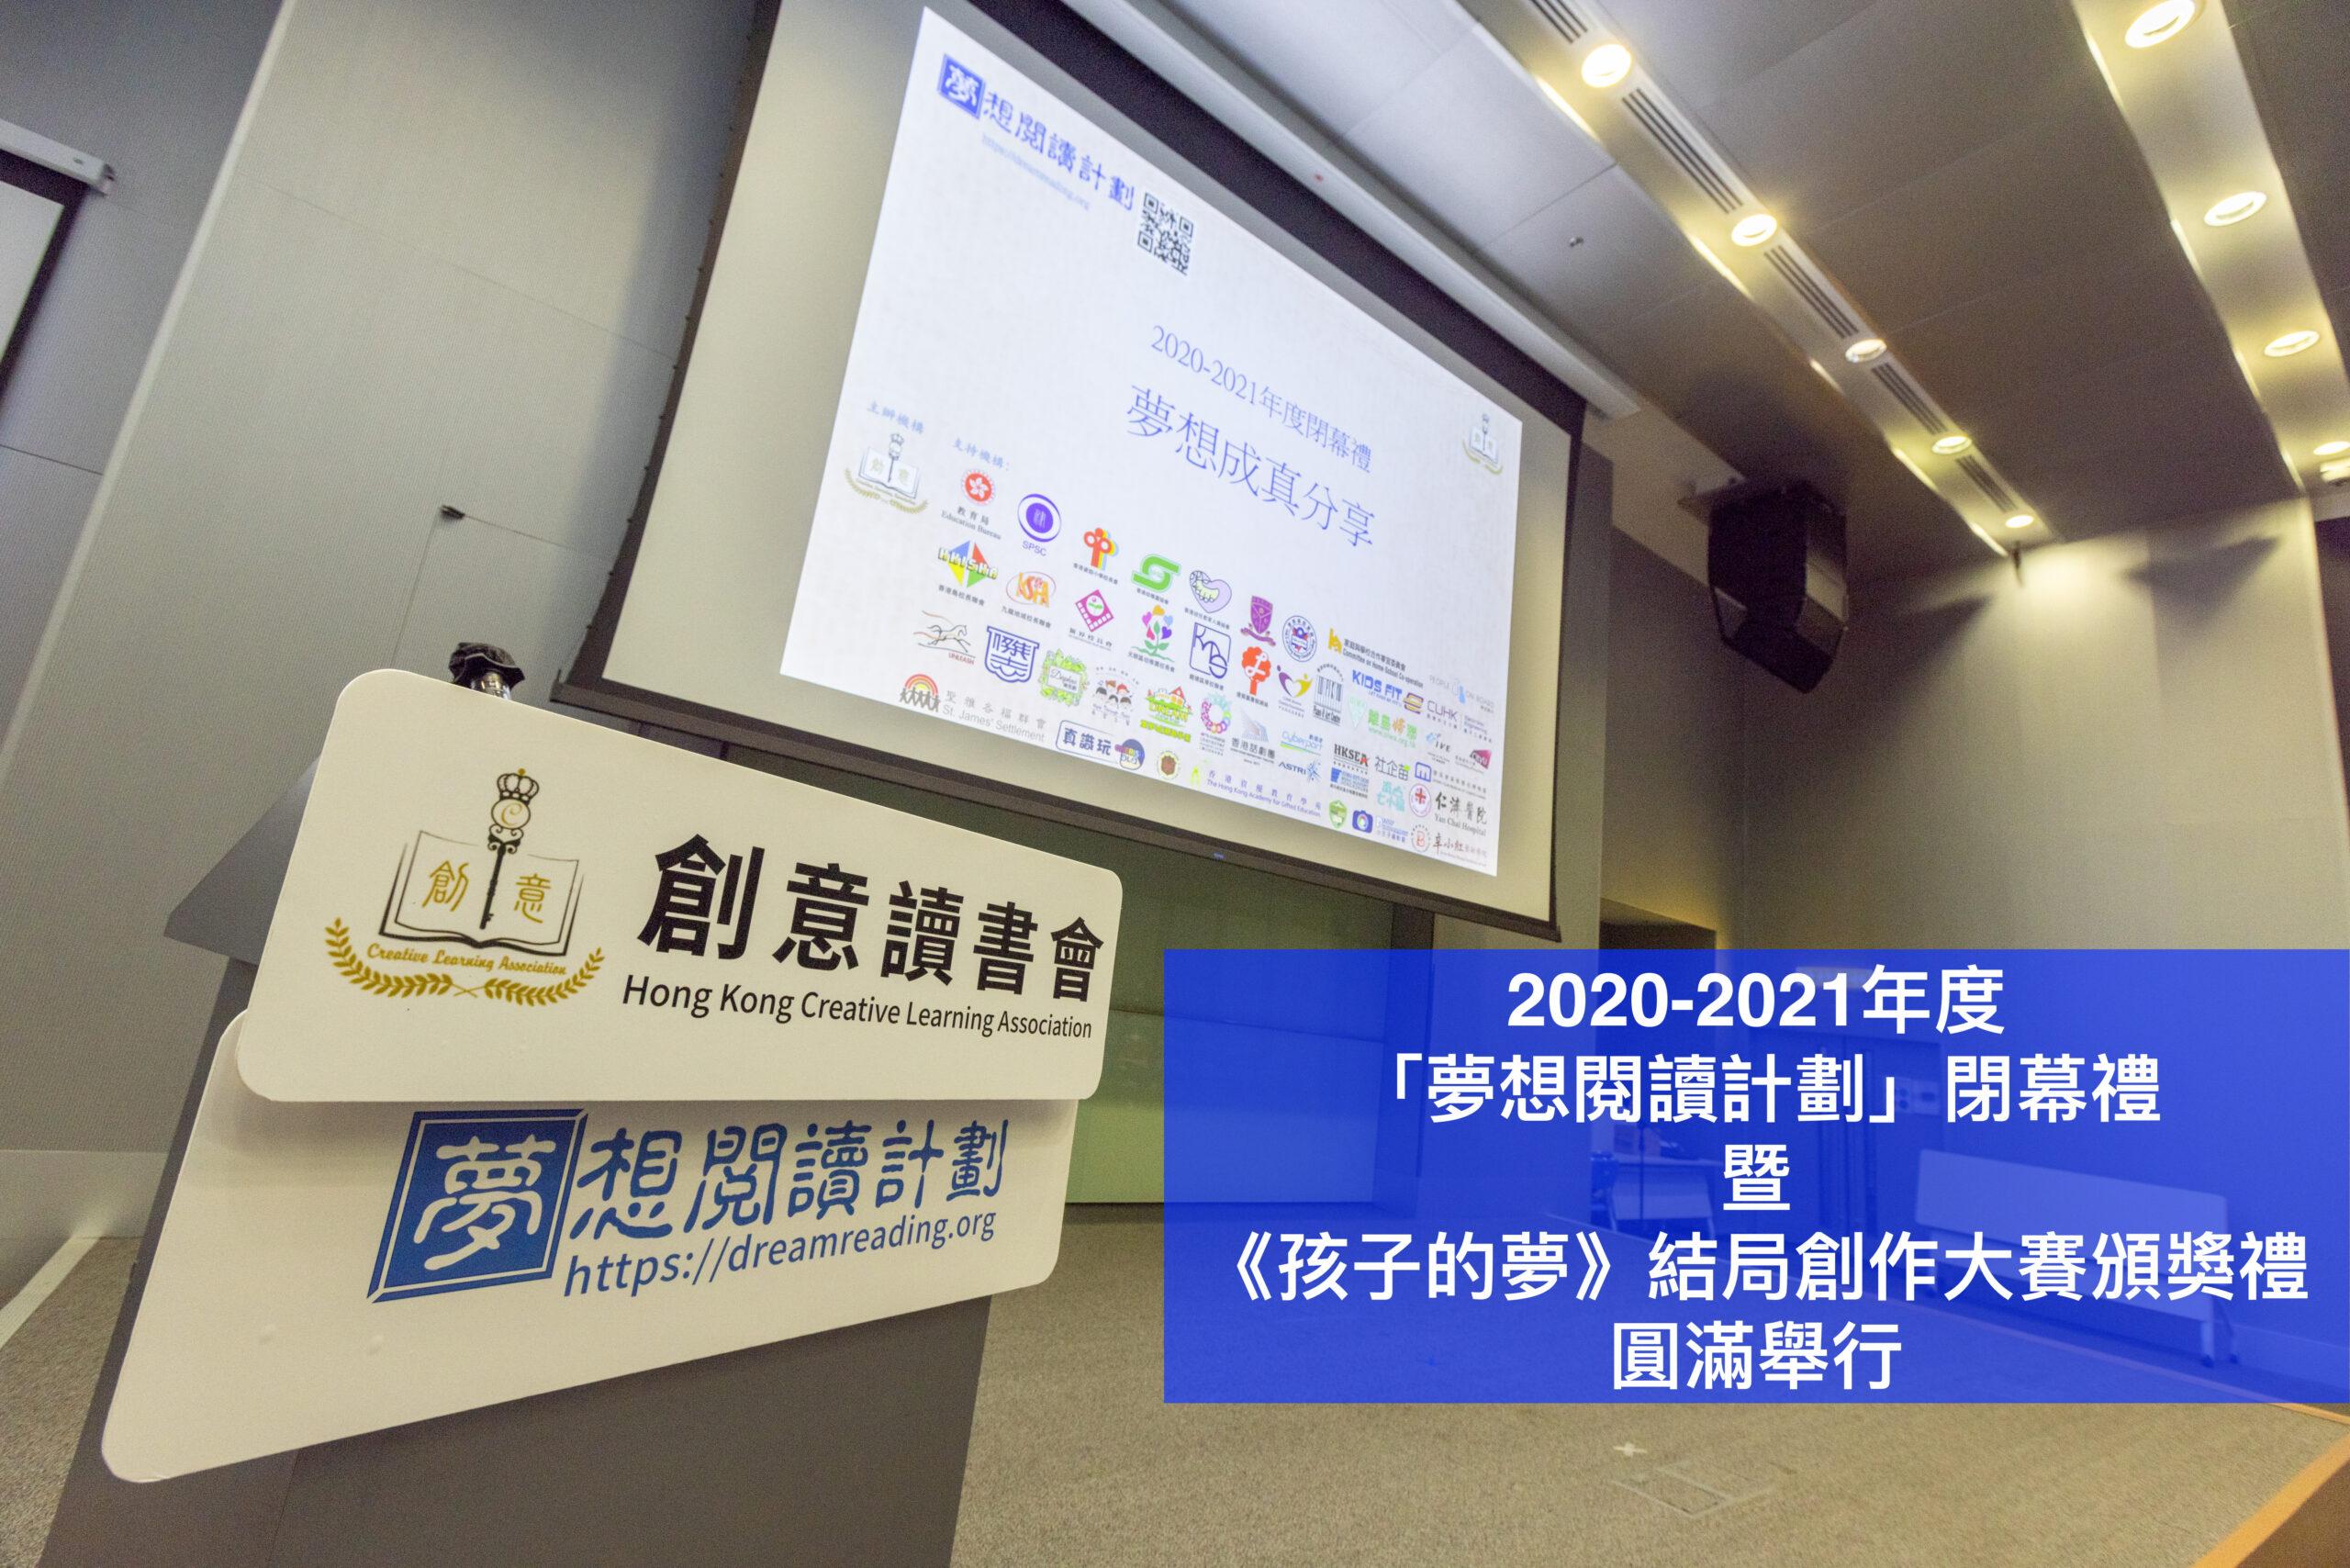 2020-2021年度「夢想閱讀計劃」閉幕禮暨《孩子的夢》結局創作大賽頒獎禮圓滿舉行